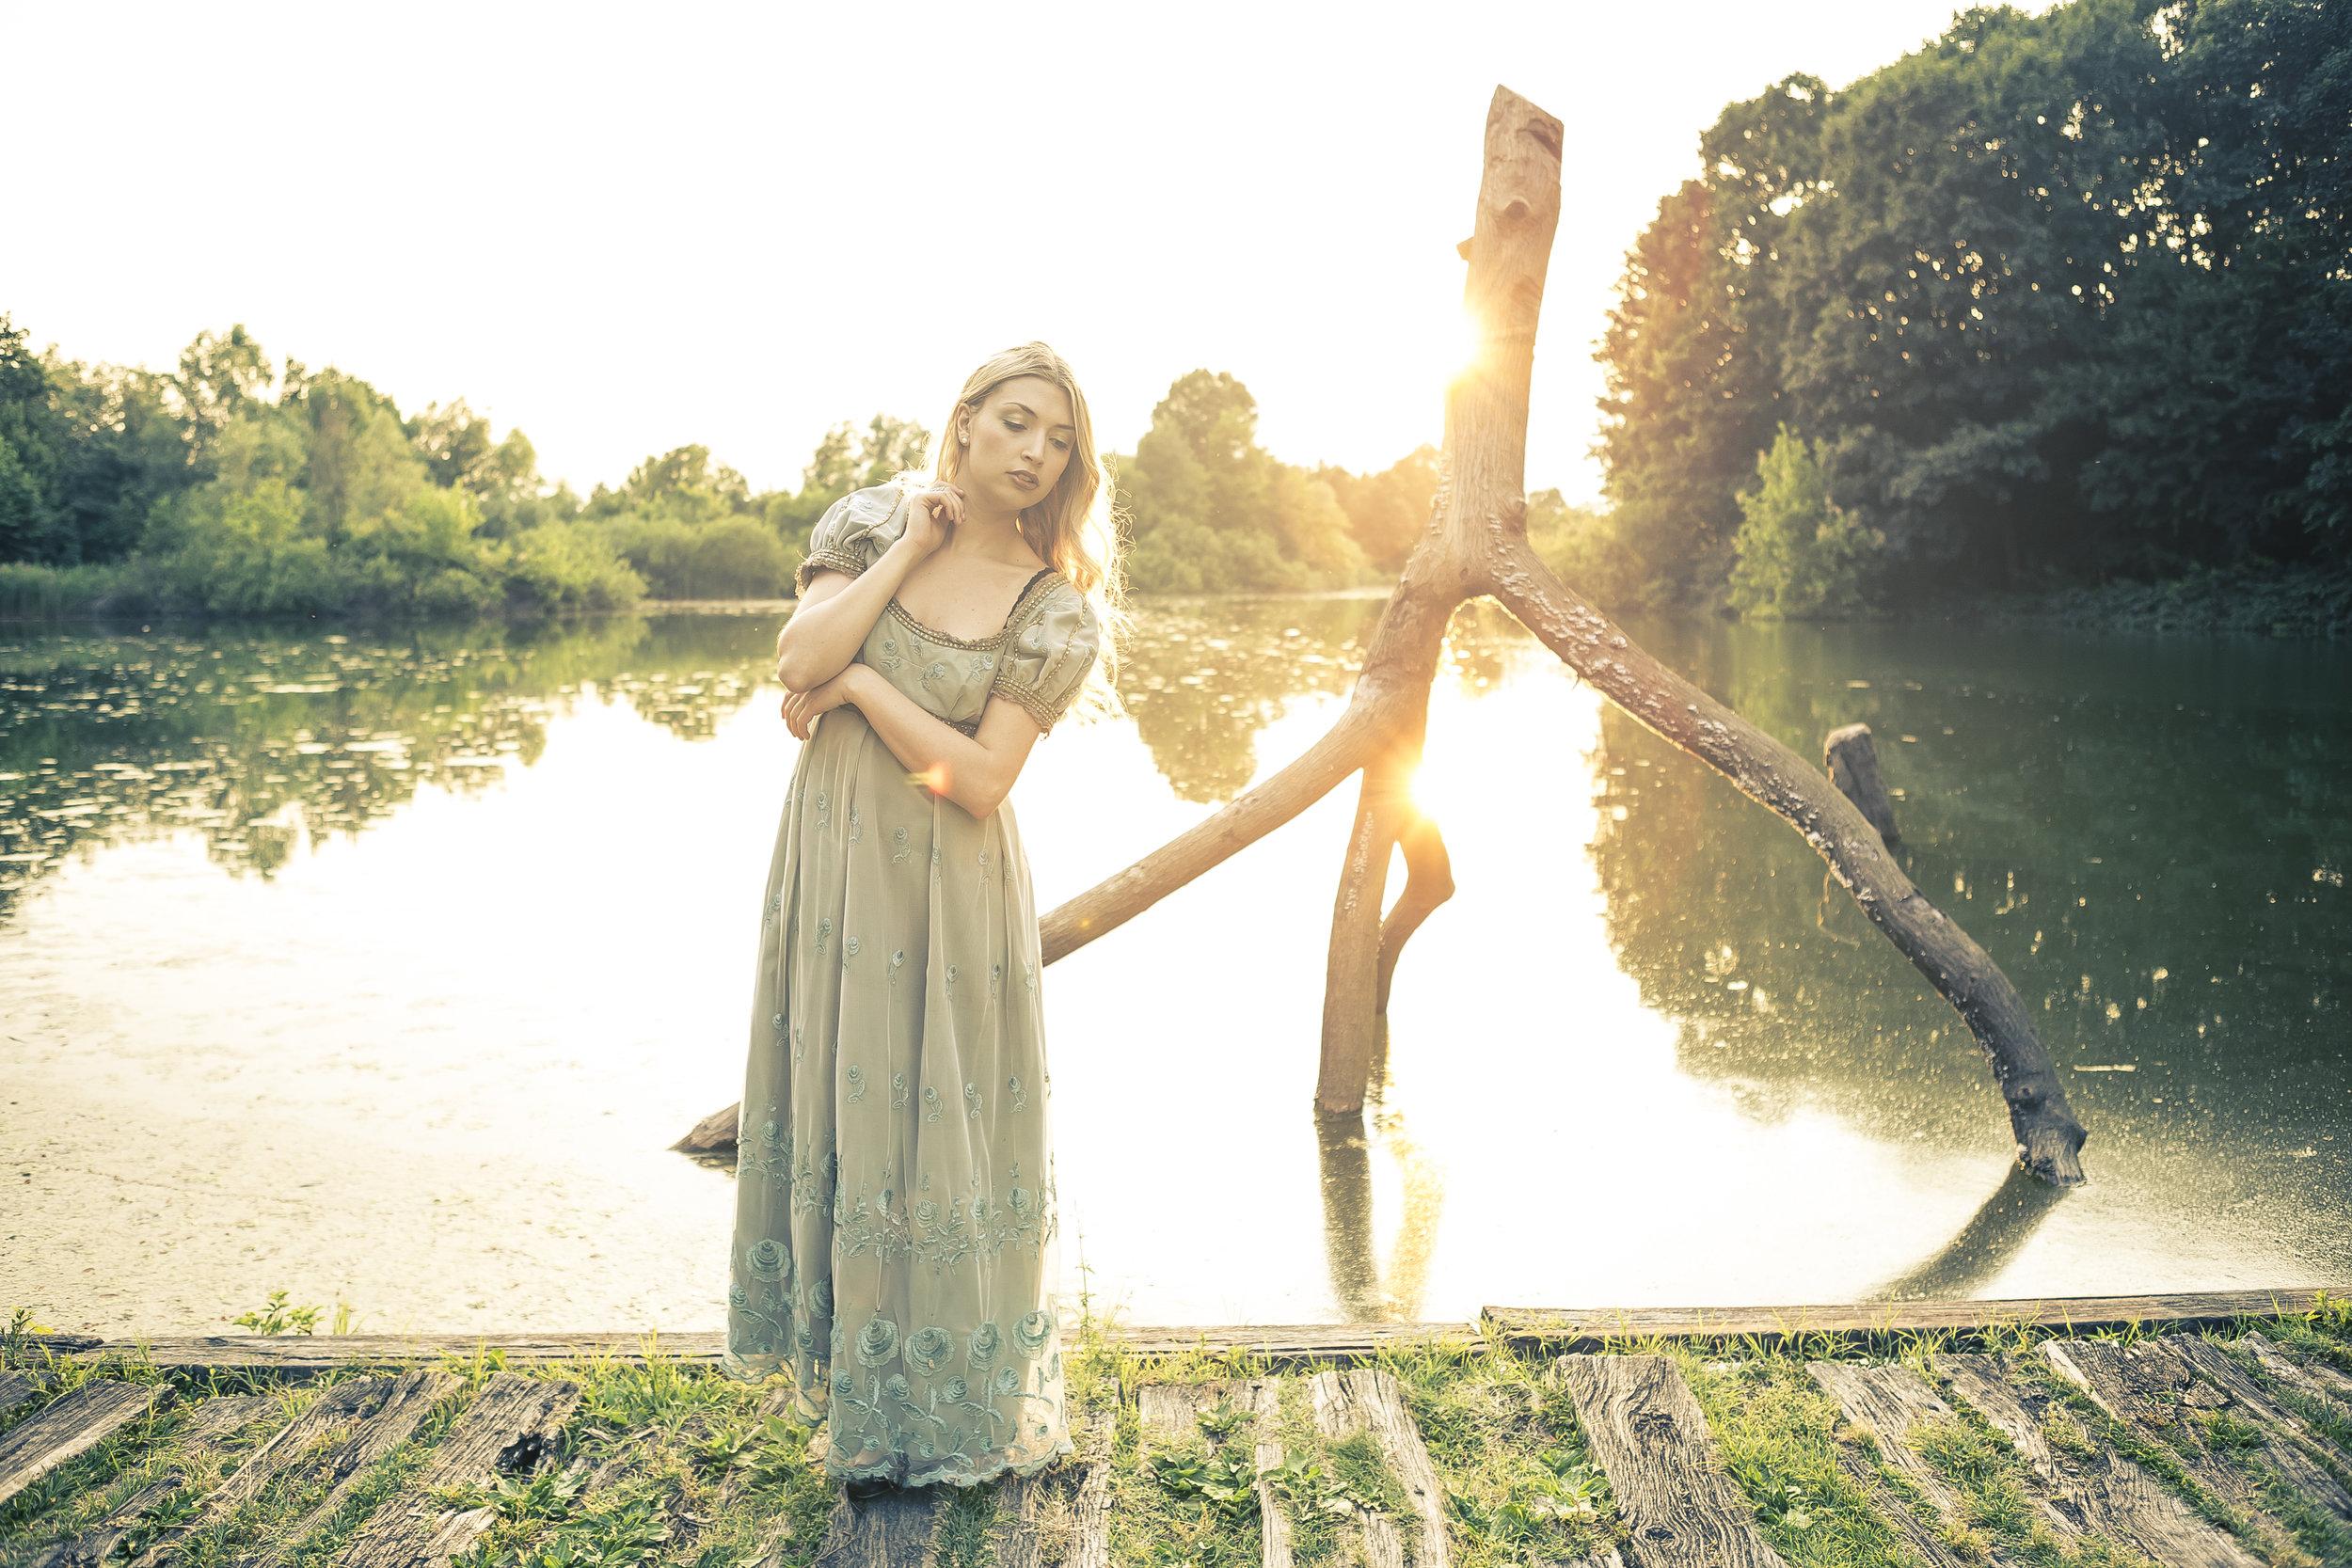 cosplay foto ritratto fantasy milano fotografo